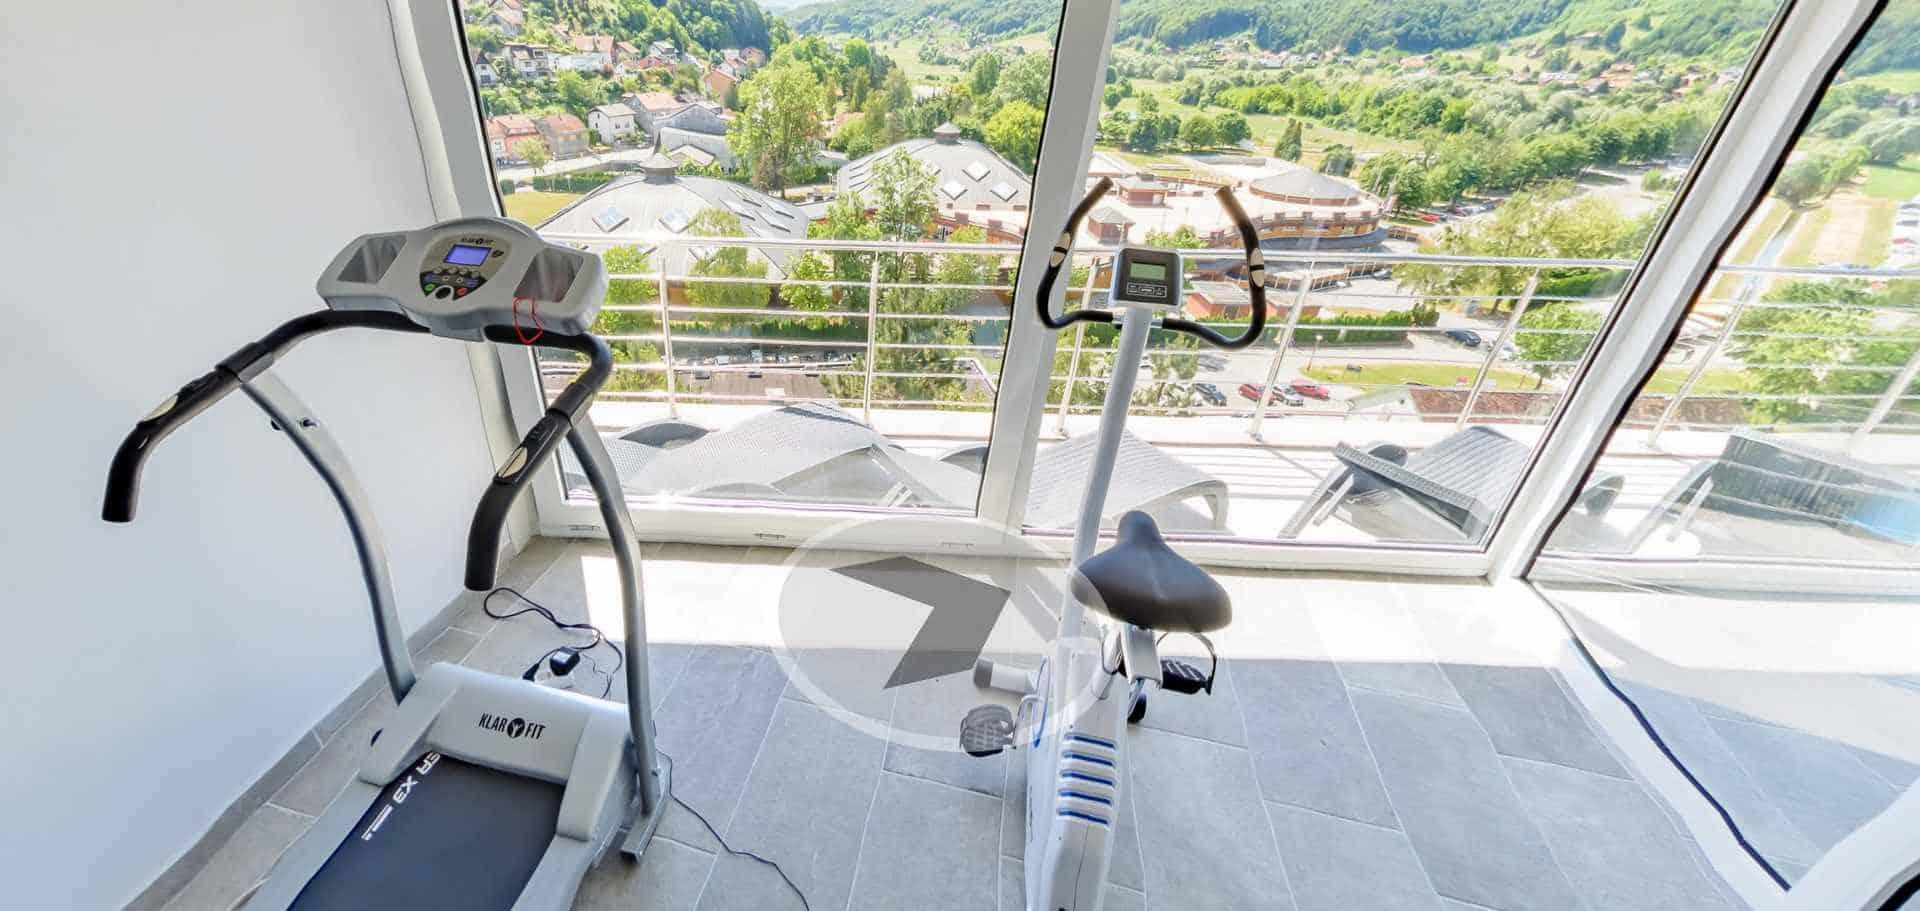 Virtualna šetnja Fitness - Hotel Villa Magdalena, Krapinske Toplice